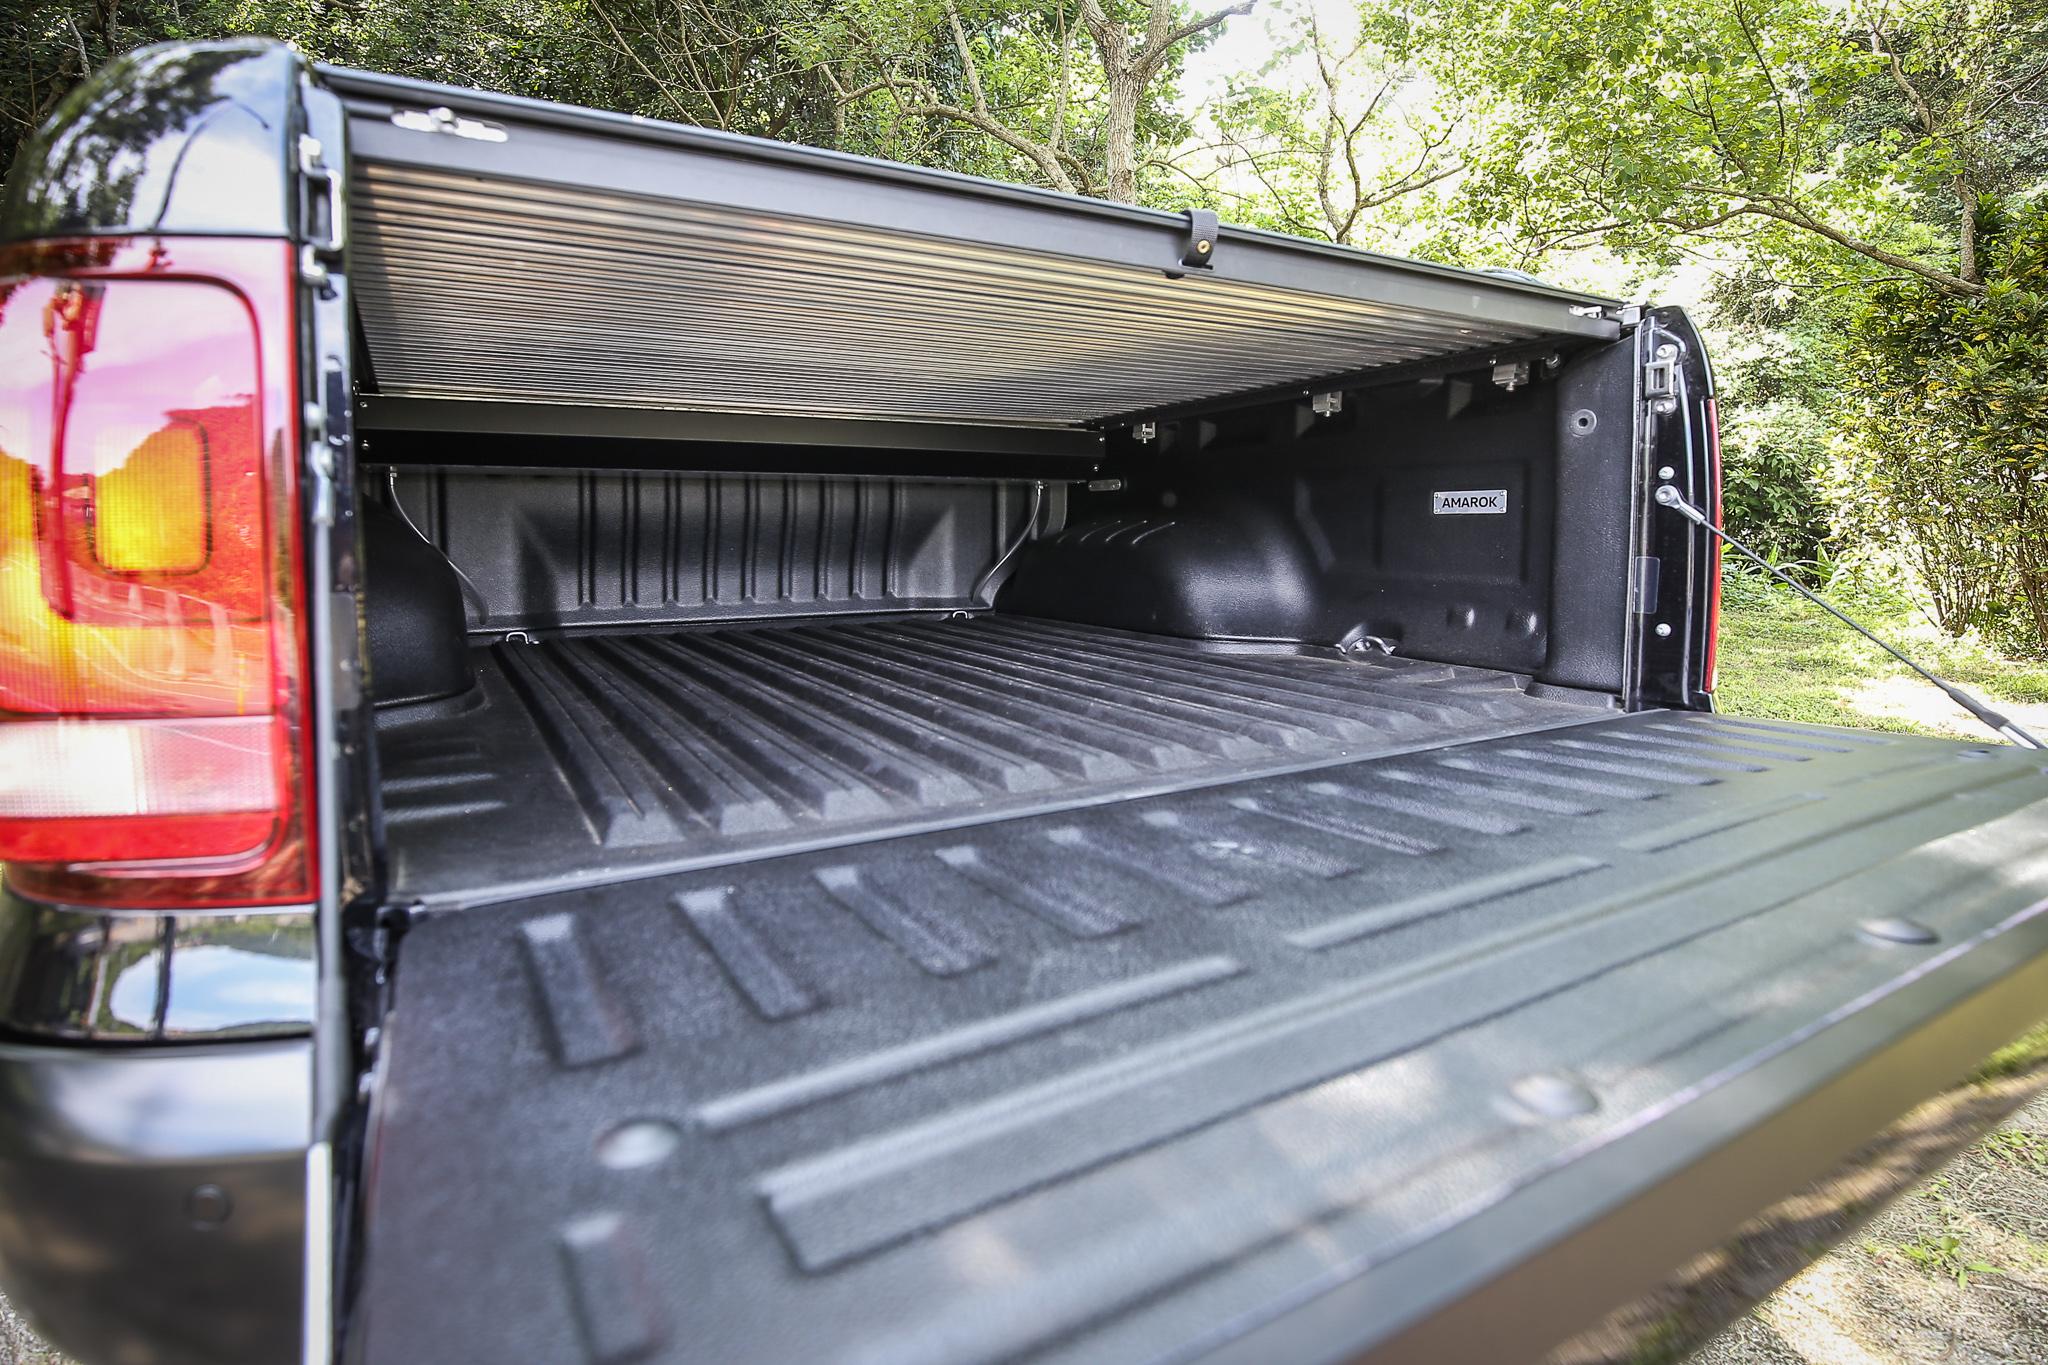 入主 Amarok V6 Black Edition 即隨車附贈防盜、防塵且美觀實用兼備的黑色捲簾式車斗蓋。